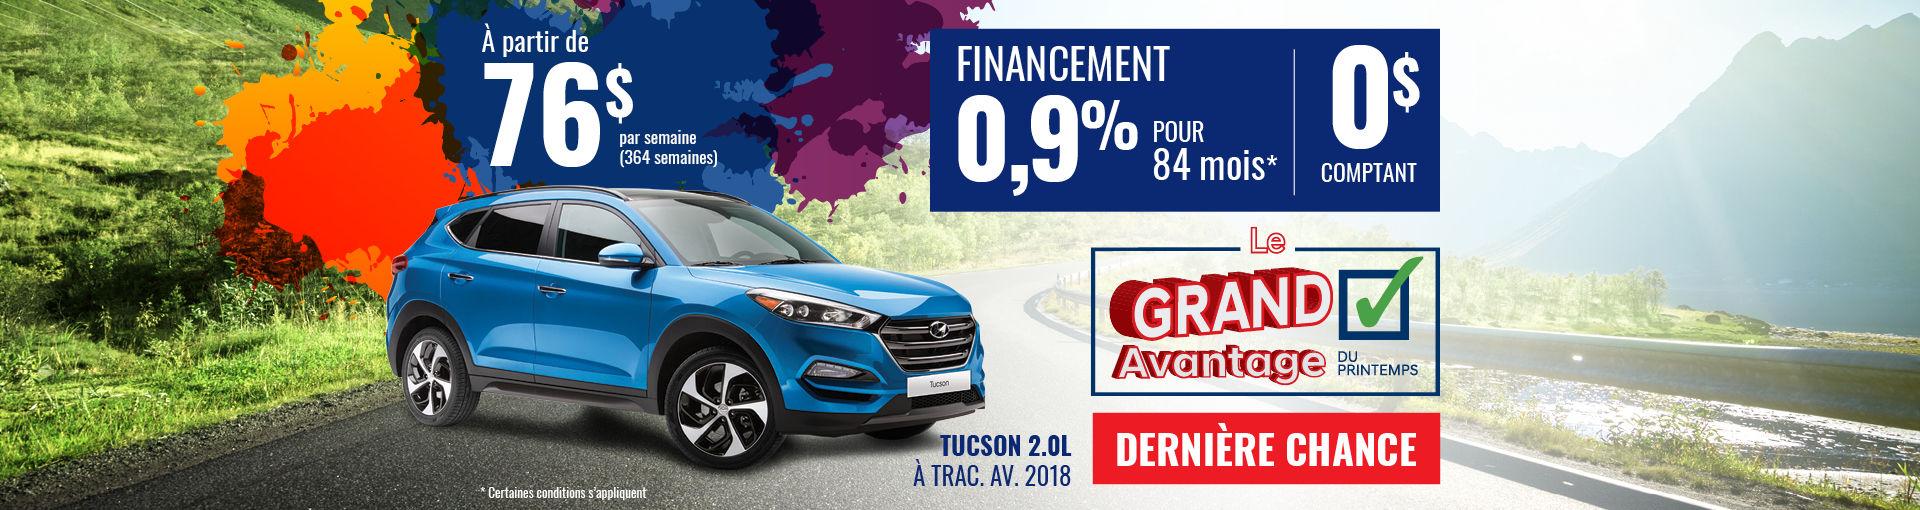 Promo Hyundai Casavant mai 2018-Tucson 2018 (Copie)